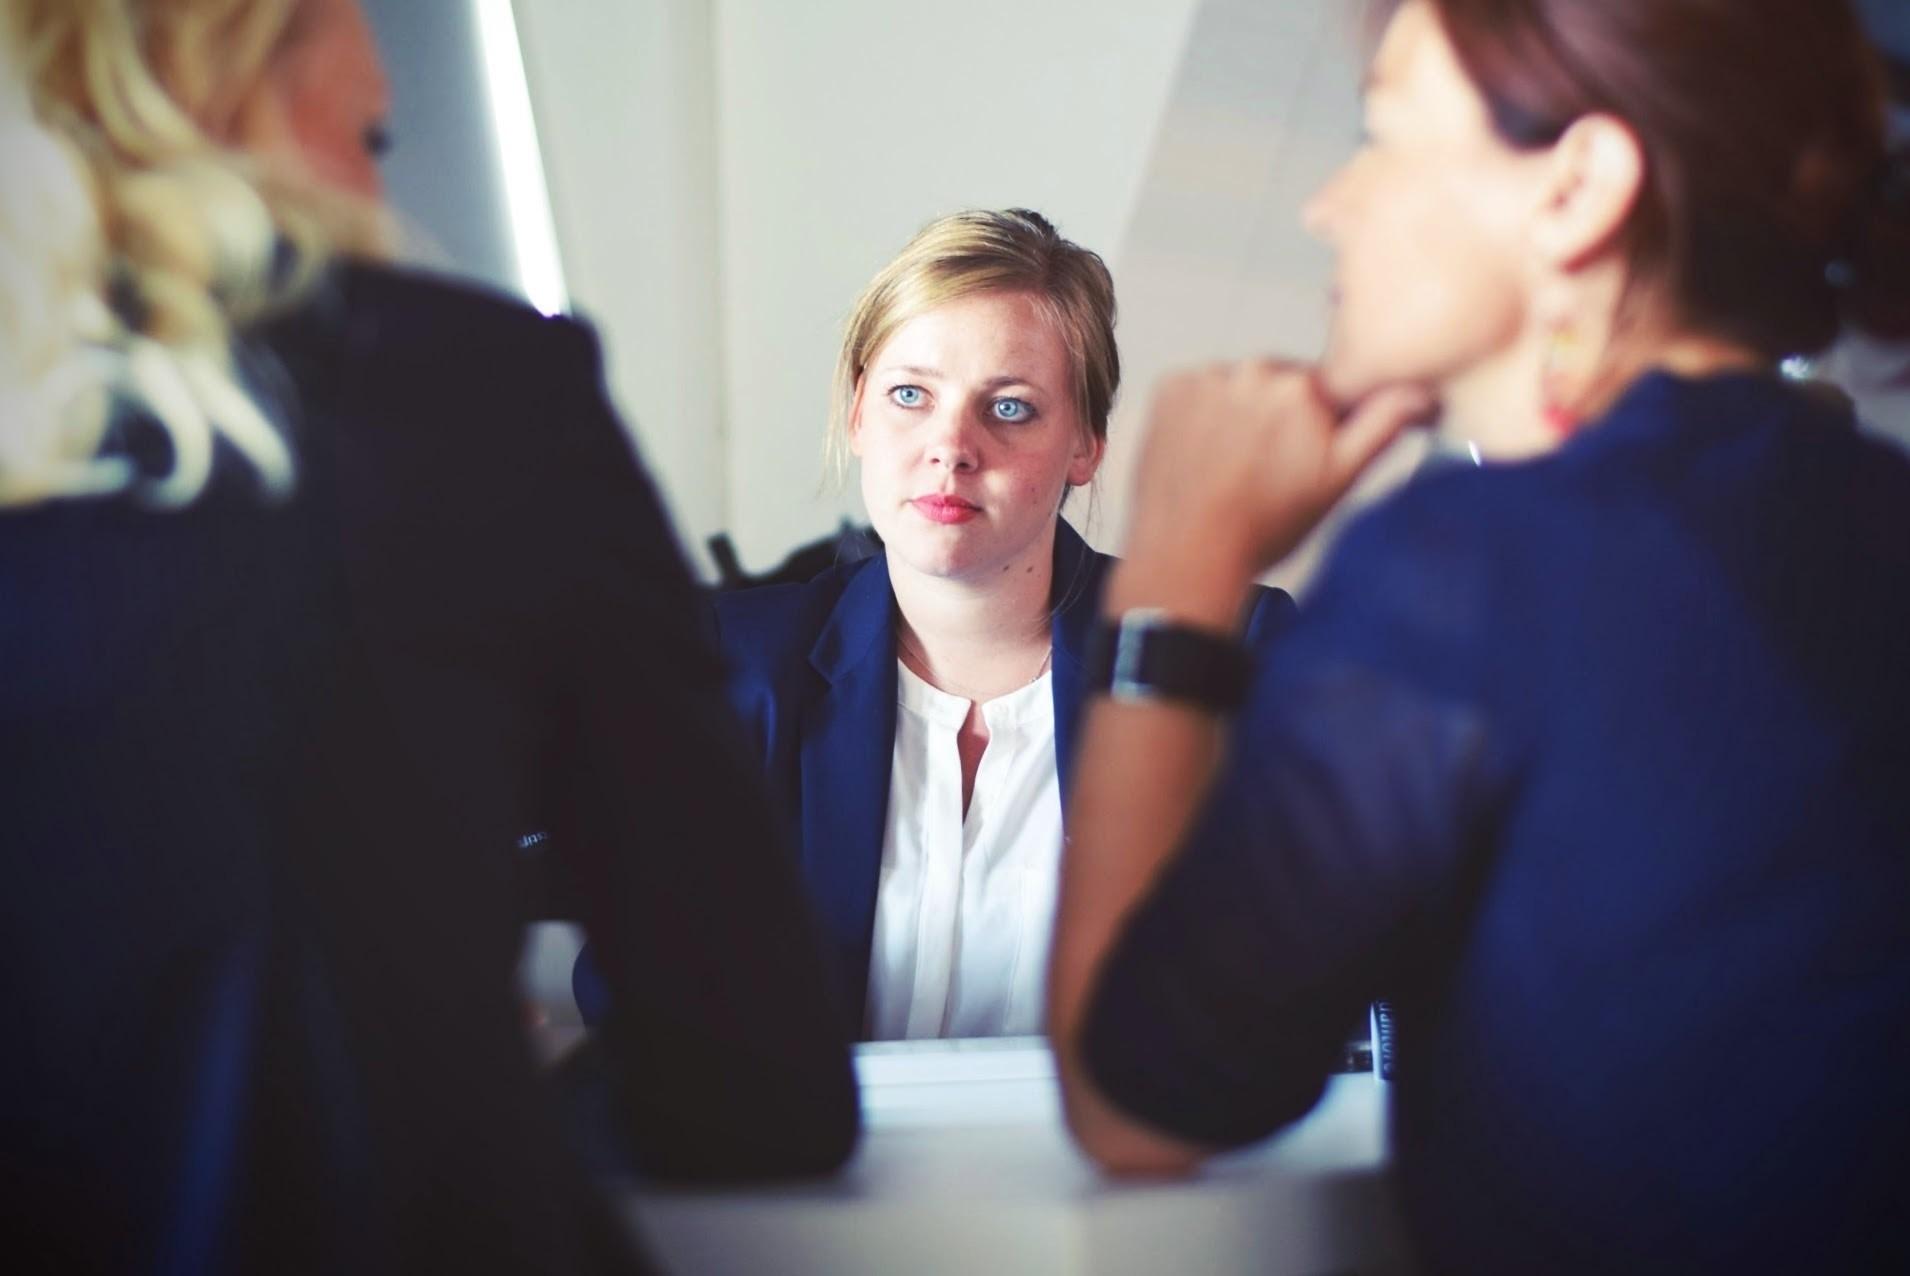 team-work-women-chatting-tim-gouw-79563-unsplash